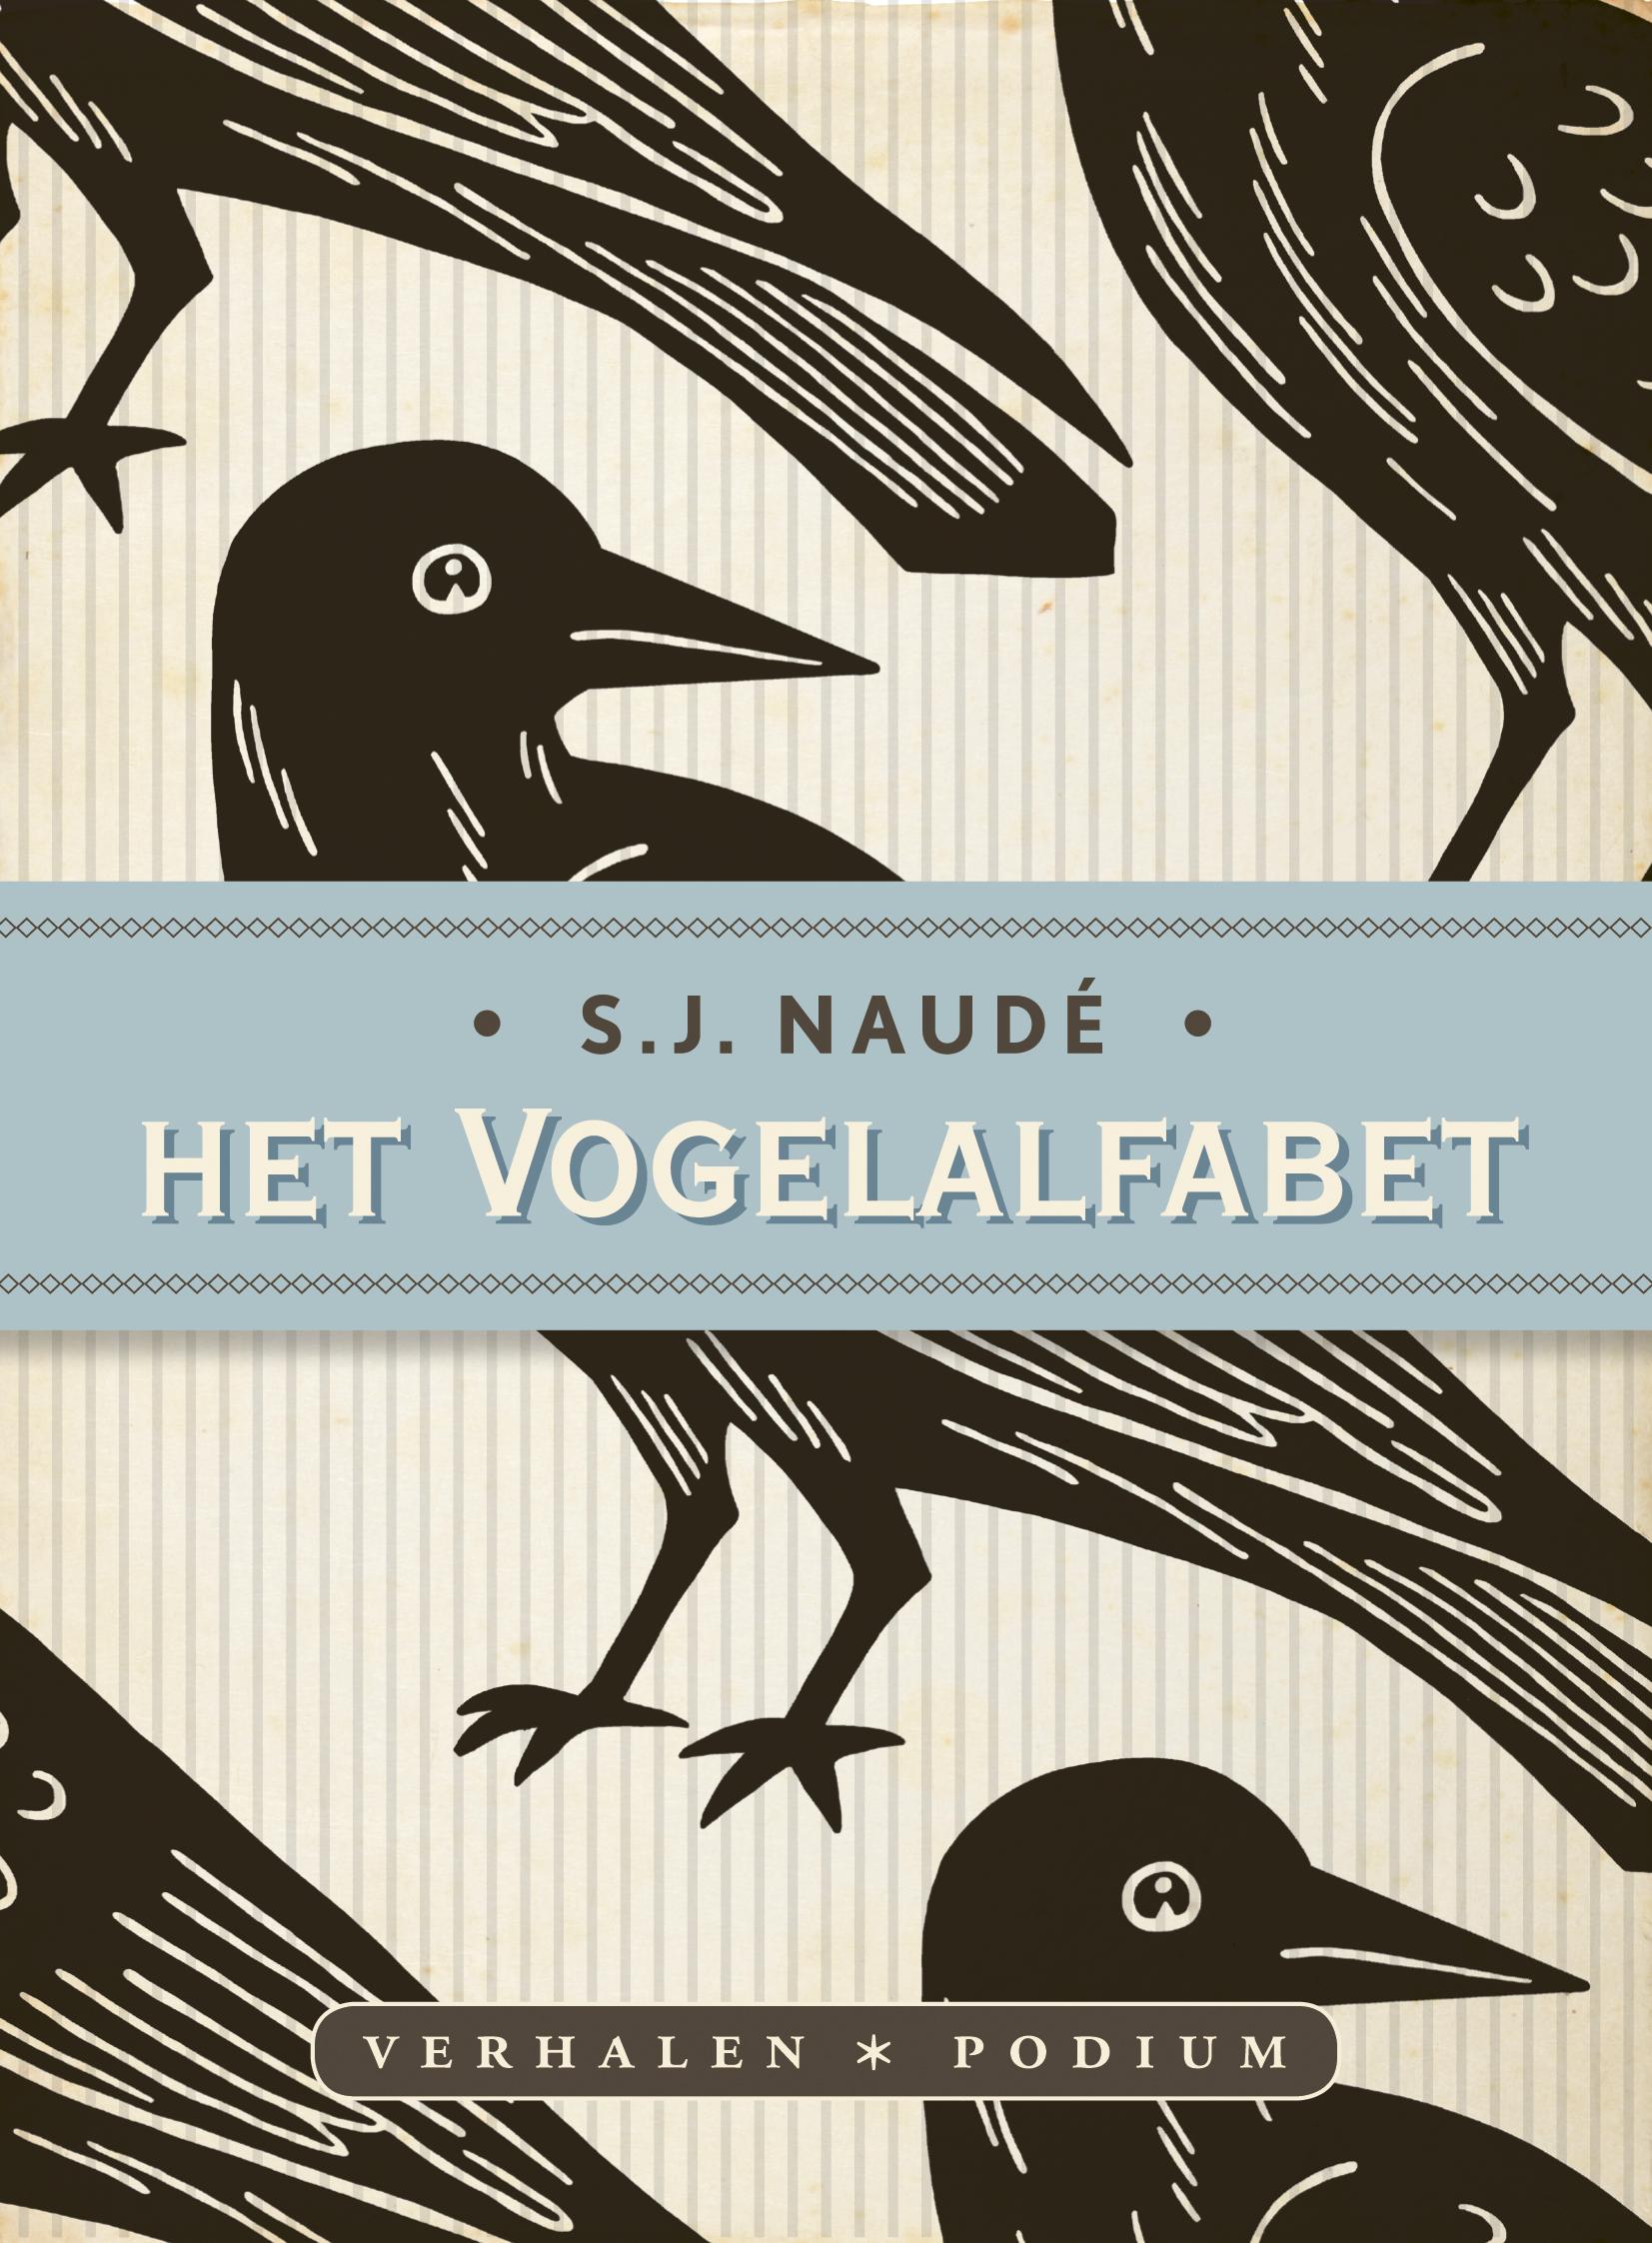 Het vogelalfabet – S.J. Naudé